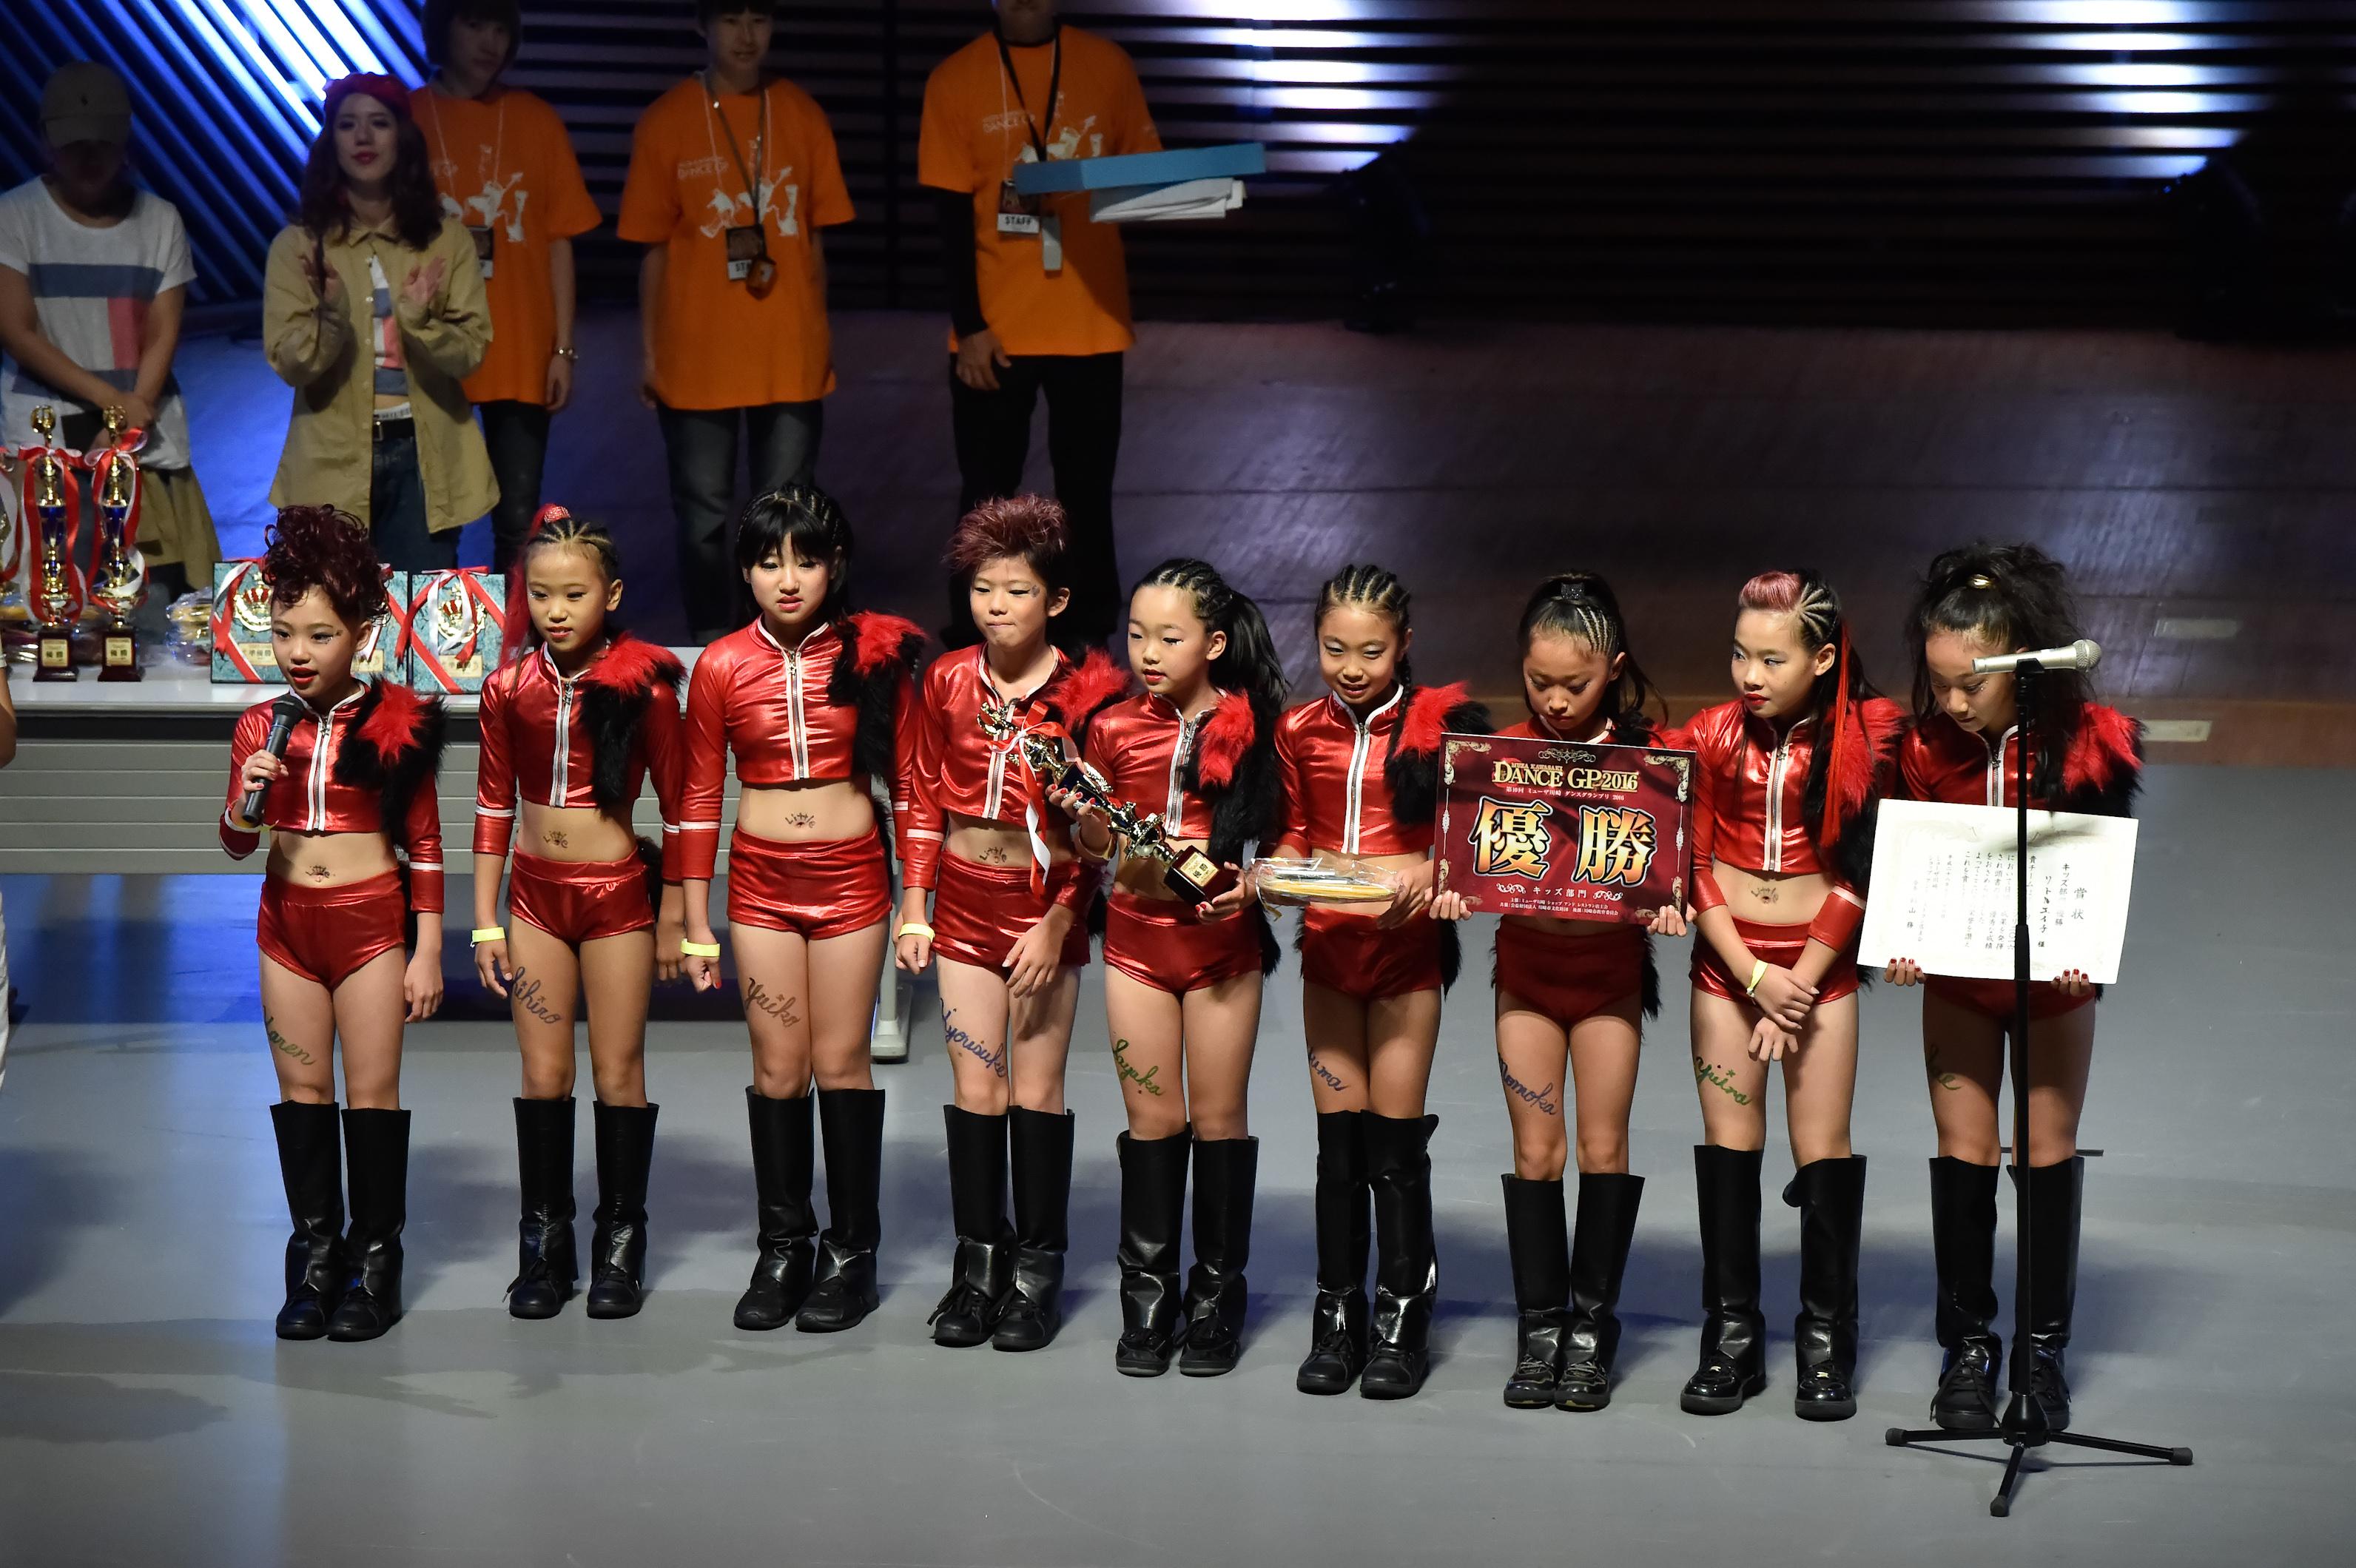 第10回「ミューザ川崎ダンスグランプリ」